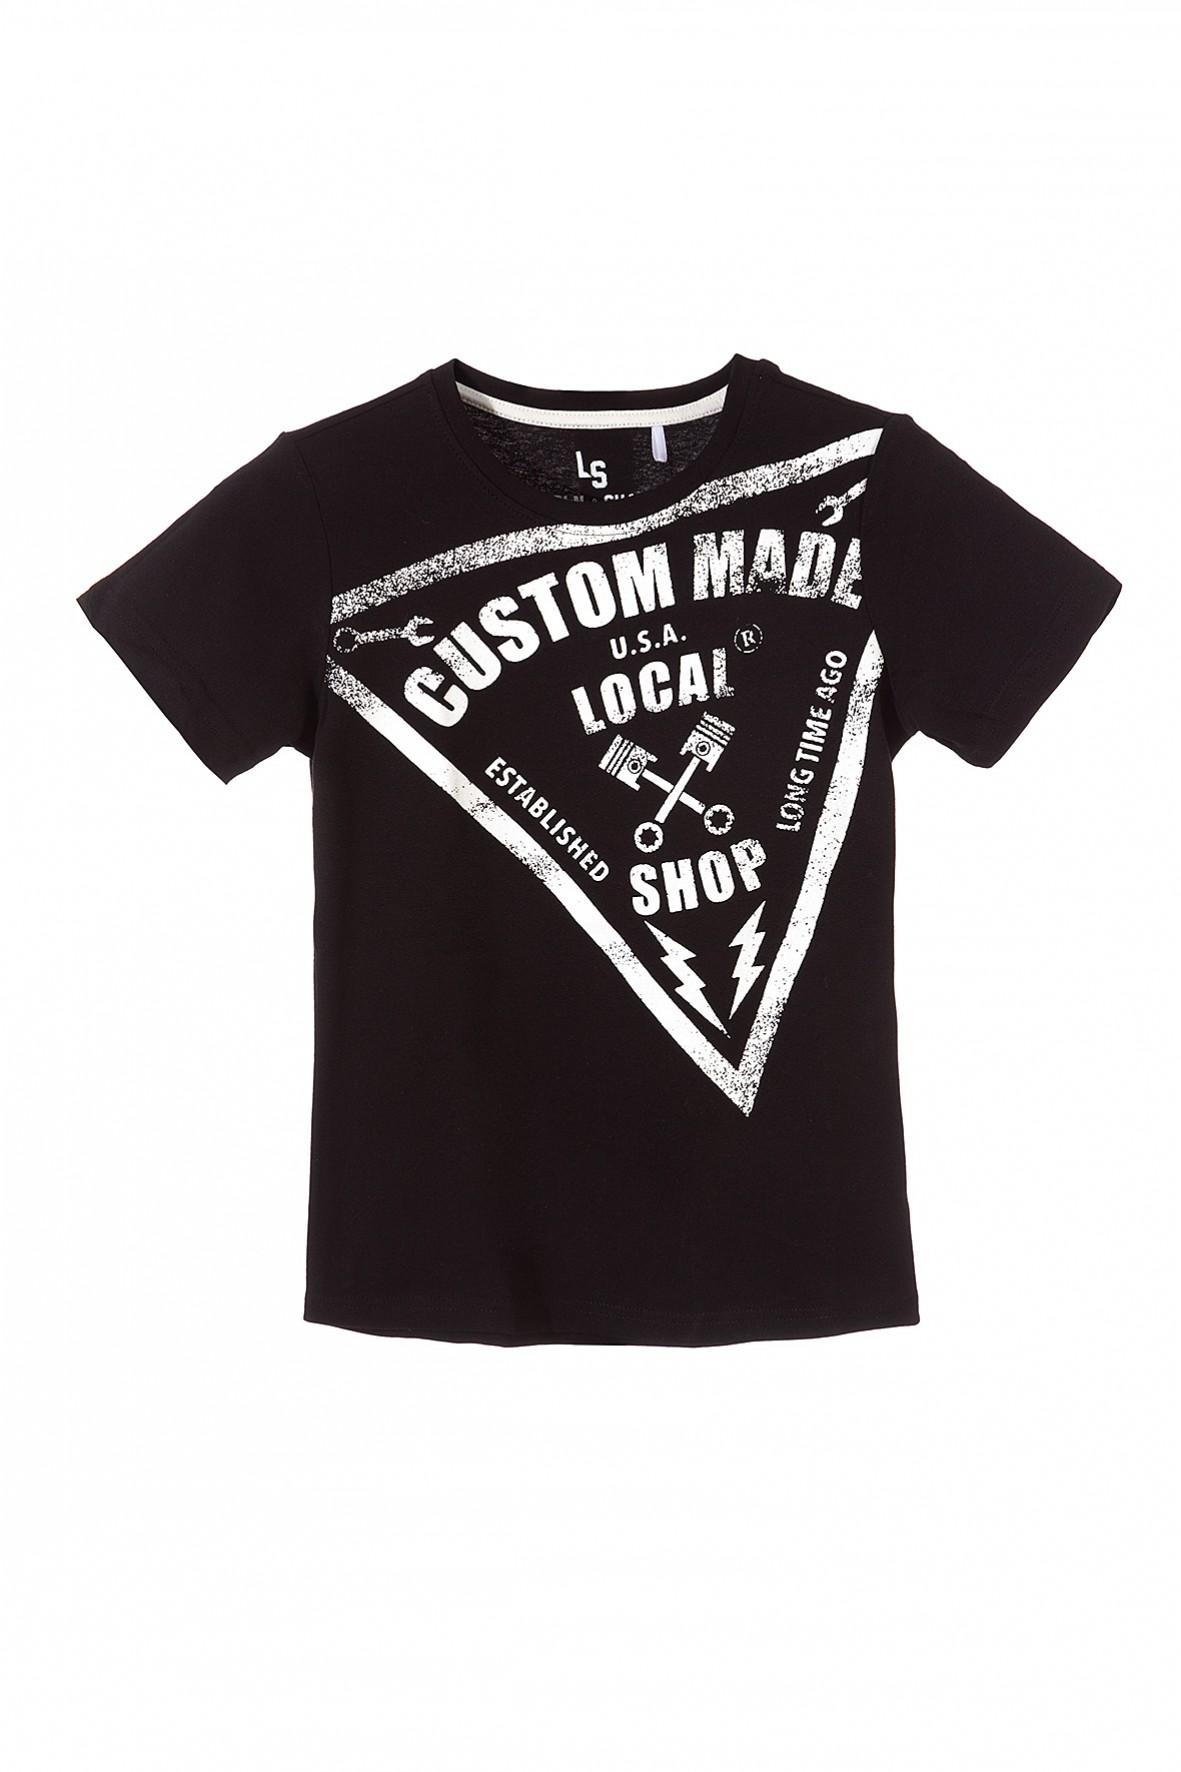 Koszulka chłopięca czarna z białymi nadrukami